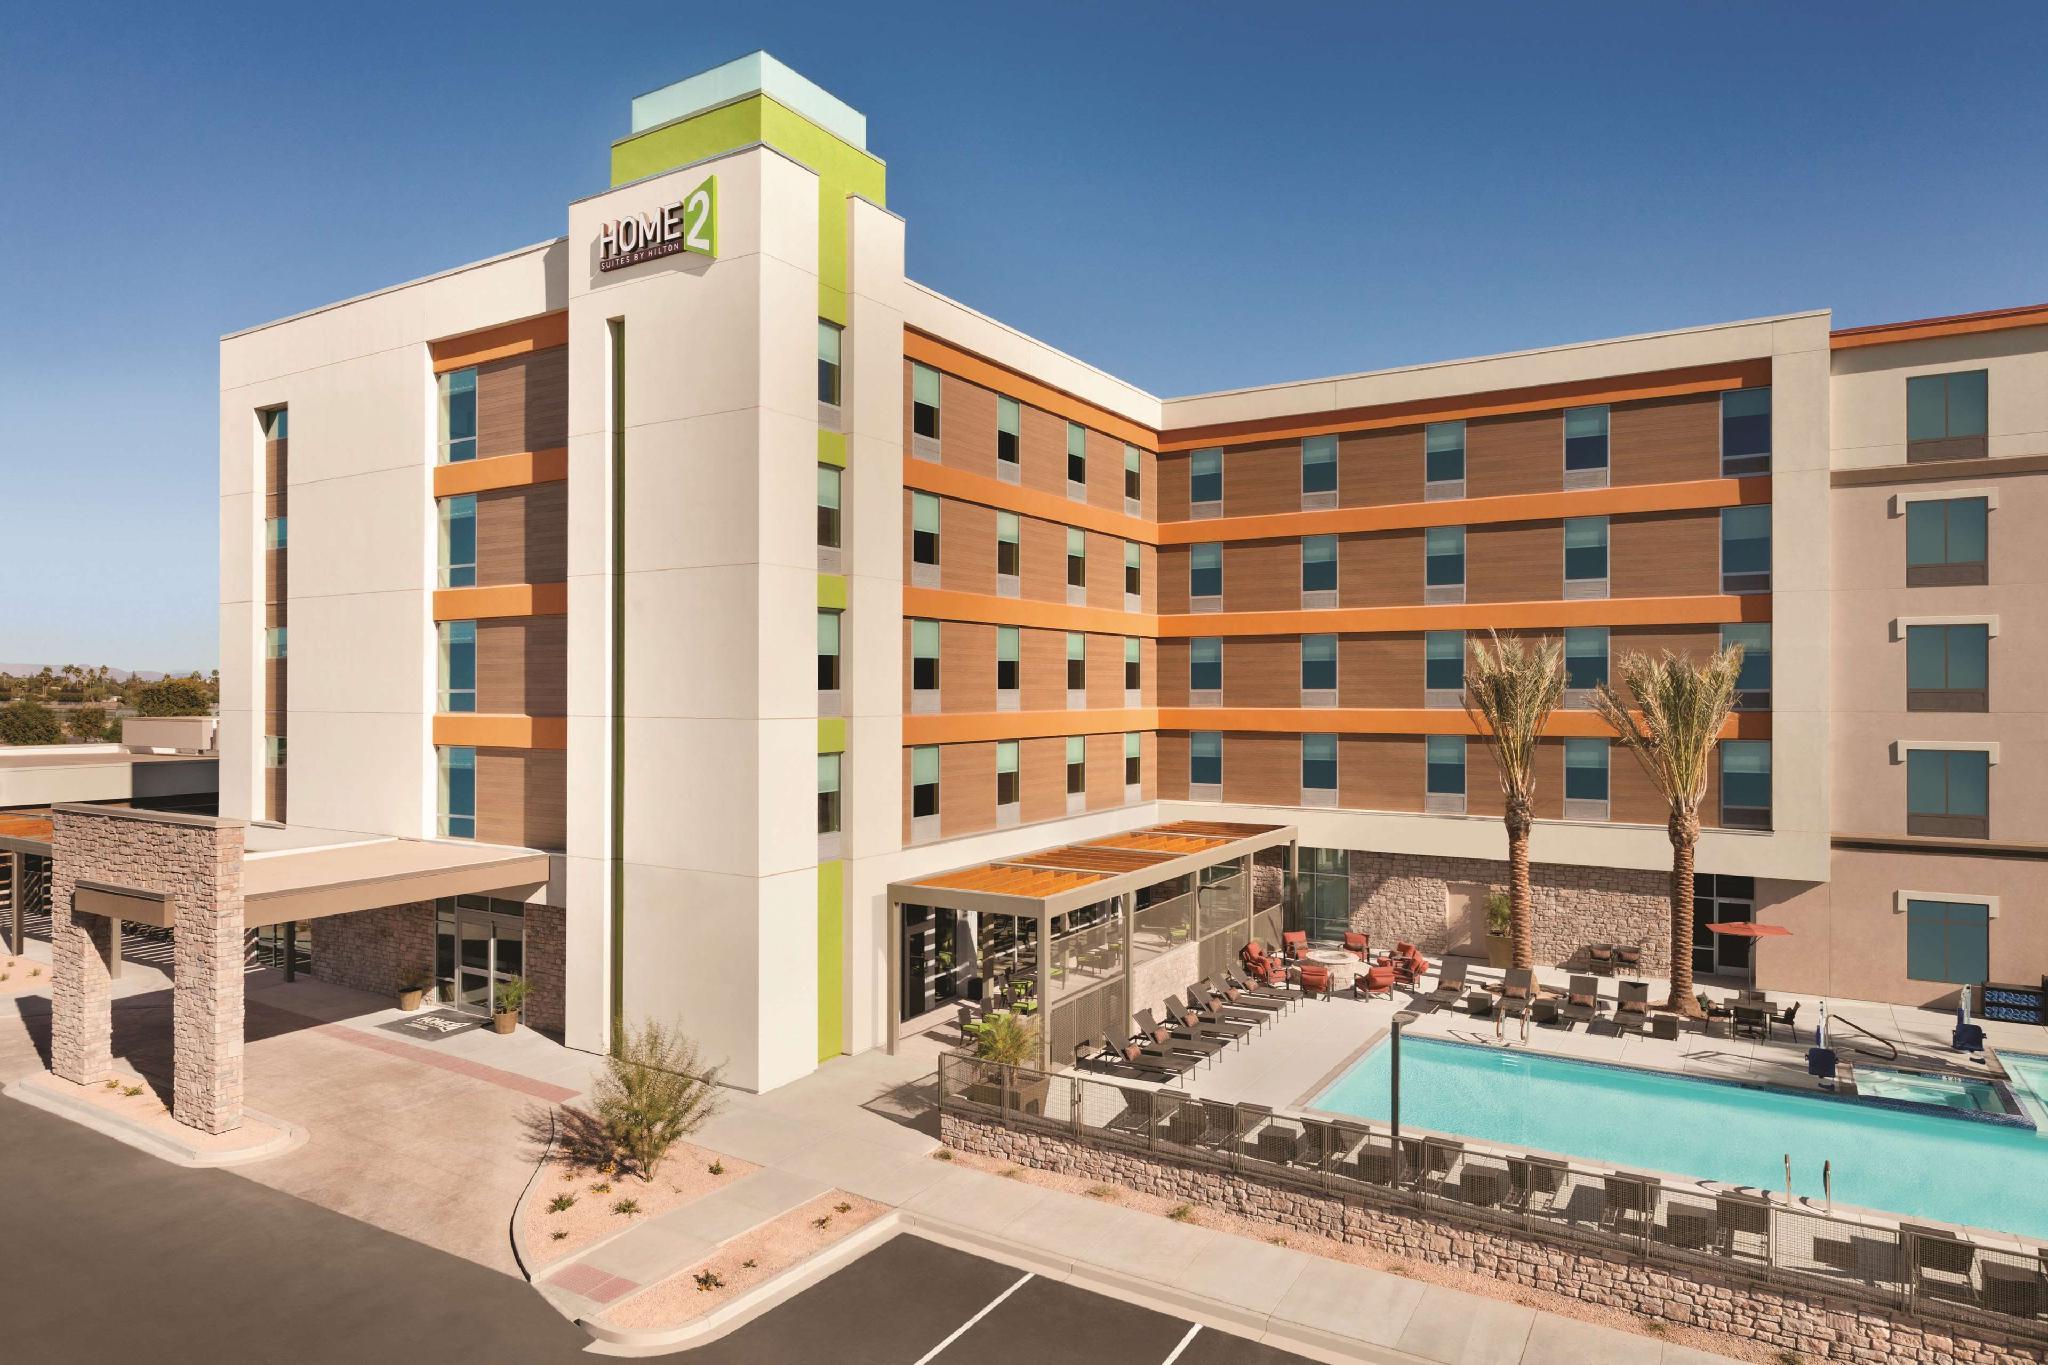 Home2 Suites By Hilton Phoenix Tempe University Research Par